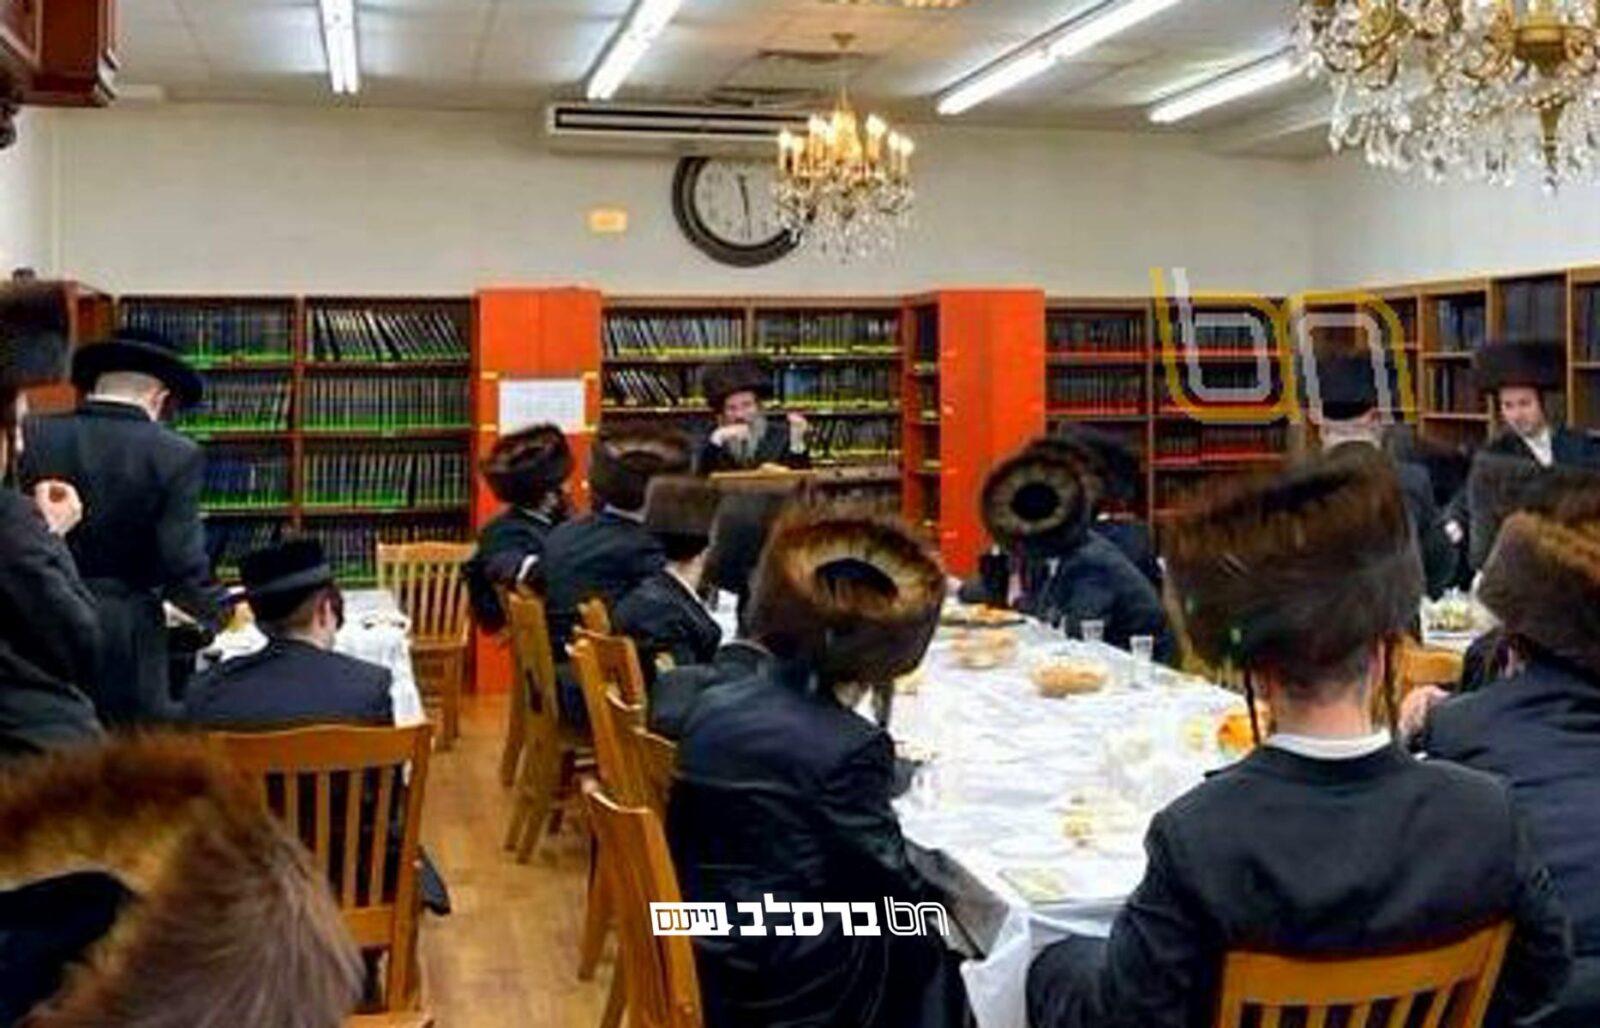 """ווילאמסבורג • סיום ליקוטי מוהר""""ן בבית הכנסת 306 ראדליטש עם הגה""""ח רבי אלימלך זילביגער"""